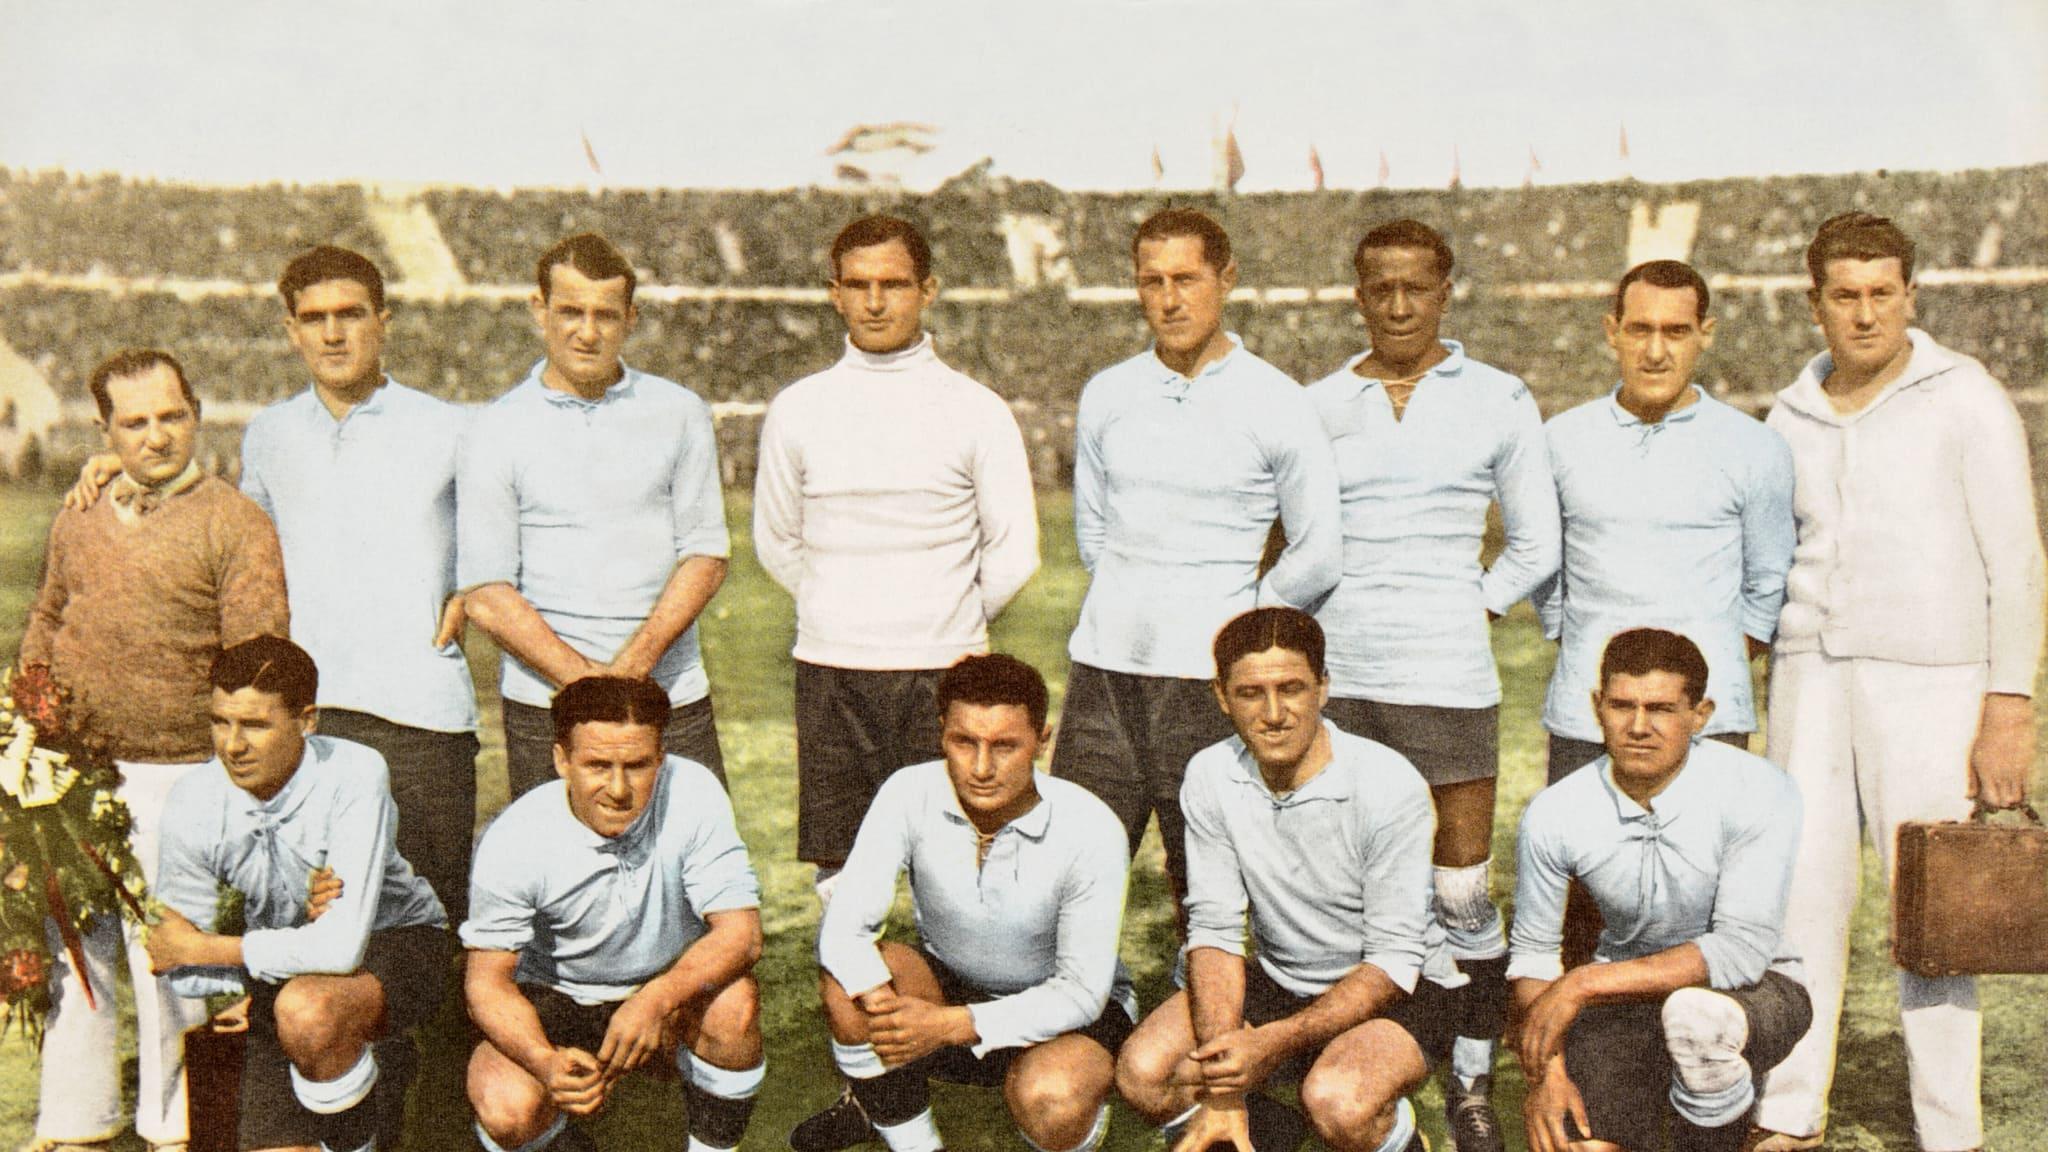 La selección charrúa era la vigente campeona olímpica, tras haber ganado el oro en los Juegos de 1924 y 1928.